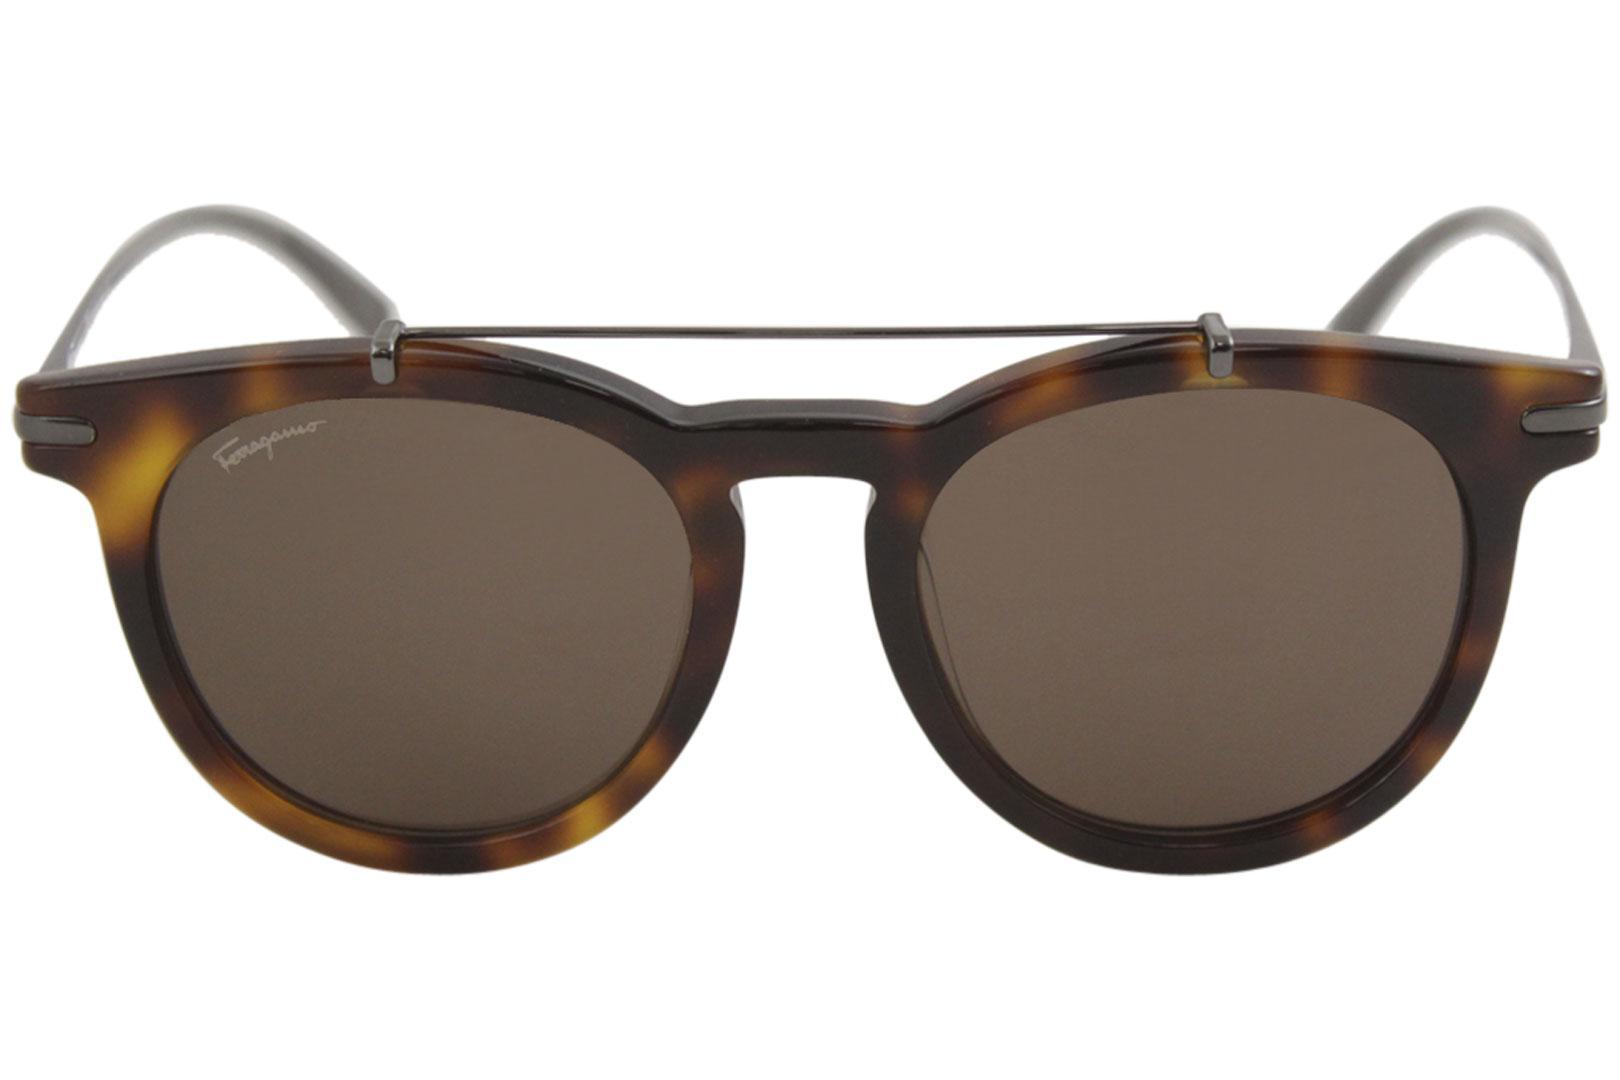 51ccaffb63f Salvatore Ferragamo Women s S821S SF 821 S Fashion Round Sunglasses by Salvatore  Ferragamo. 12345